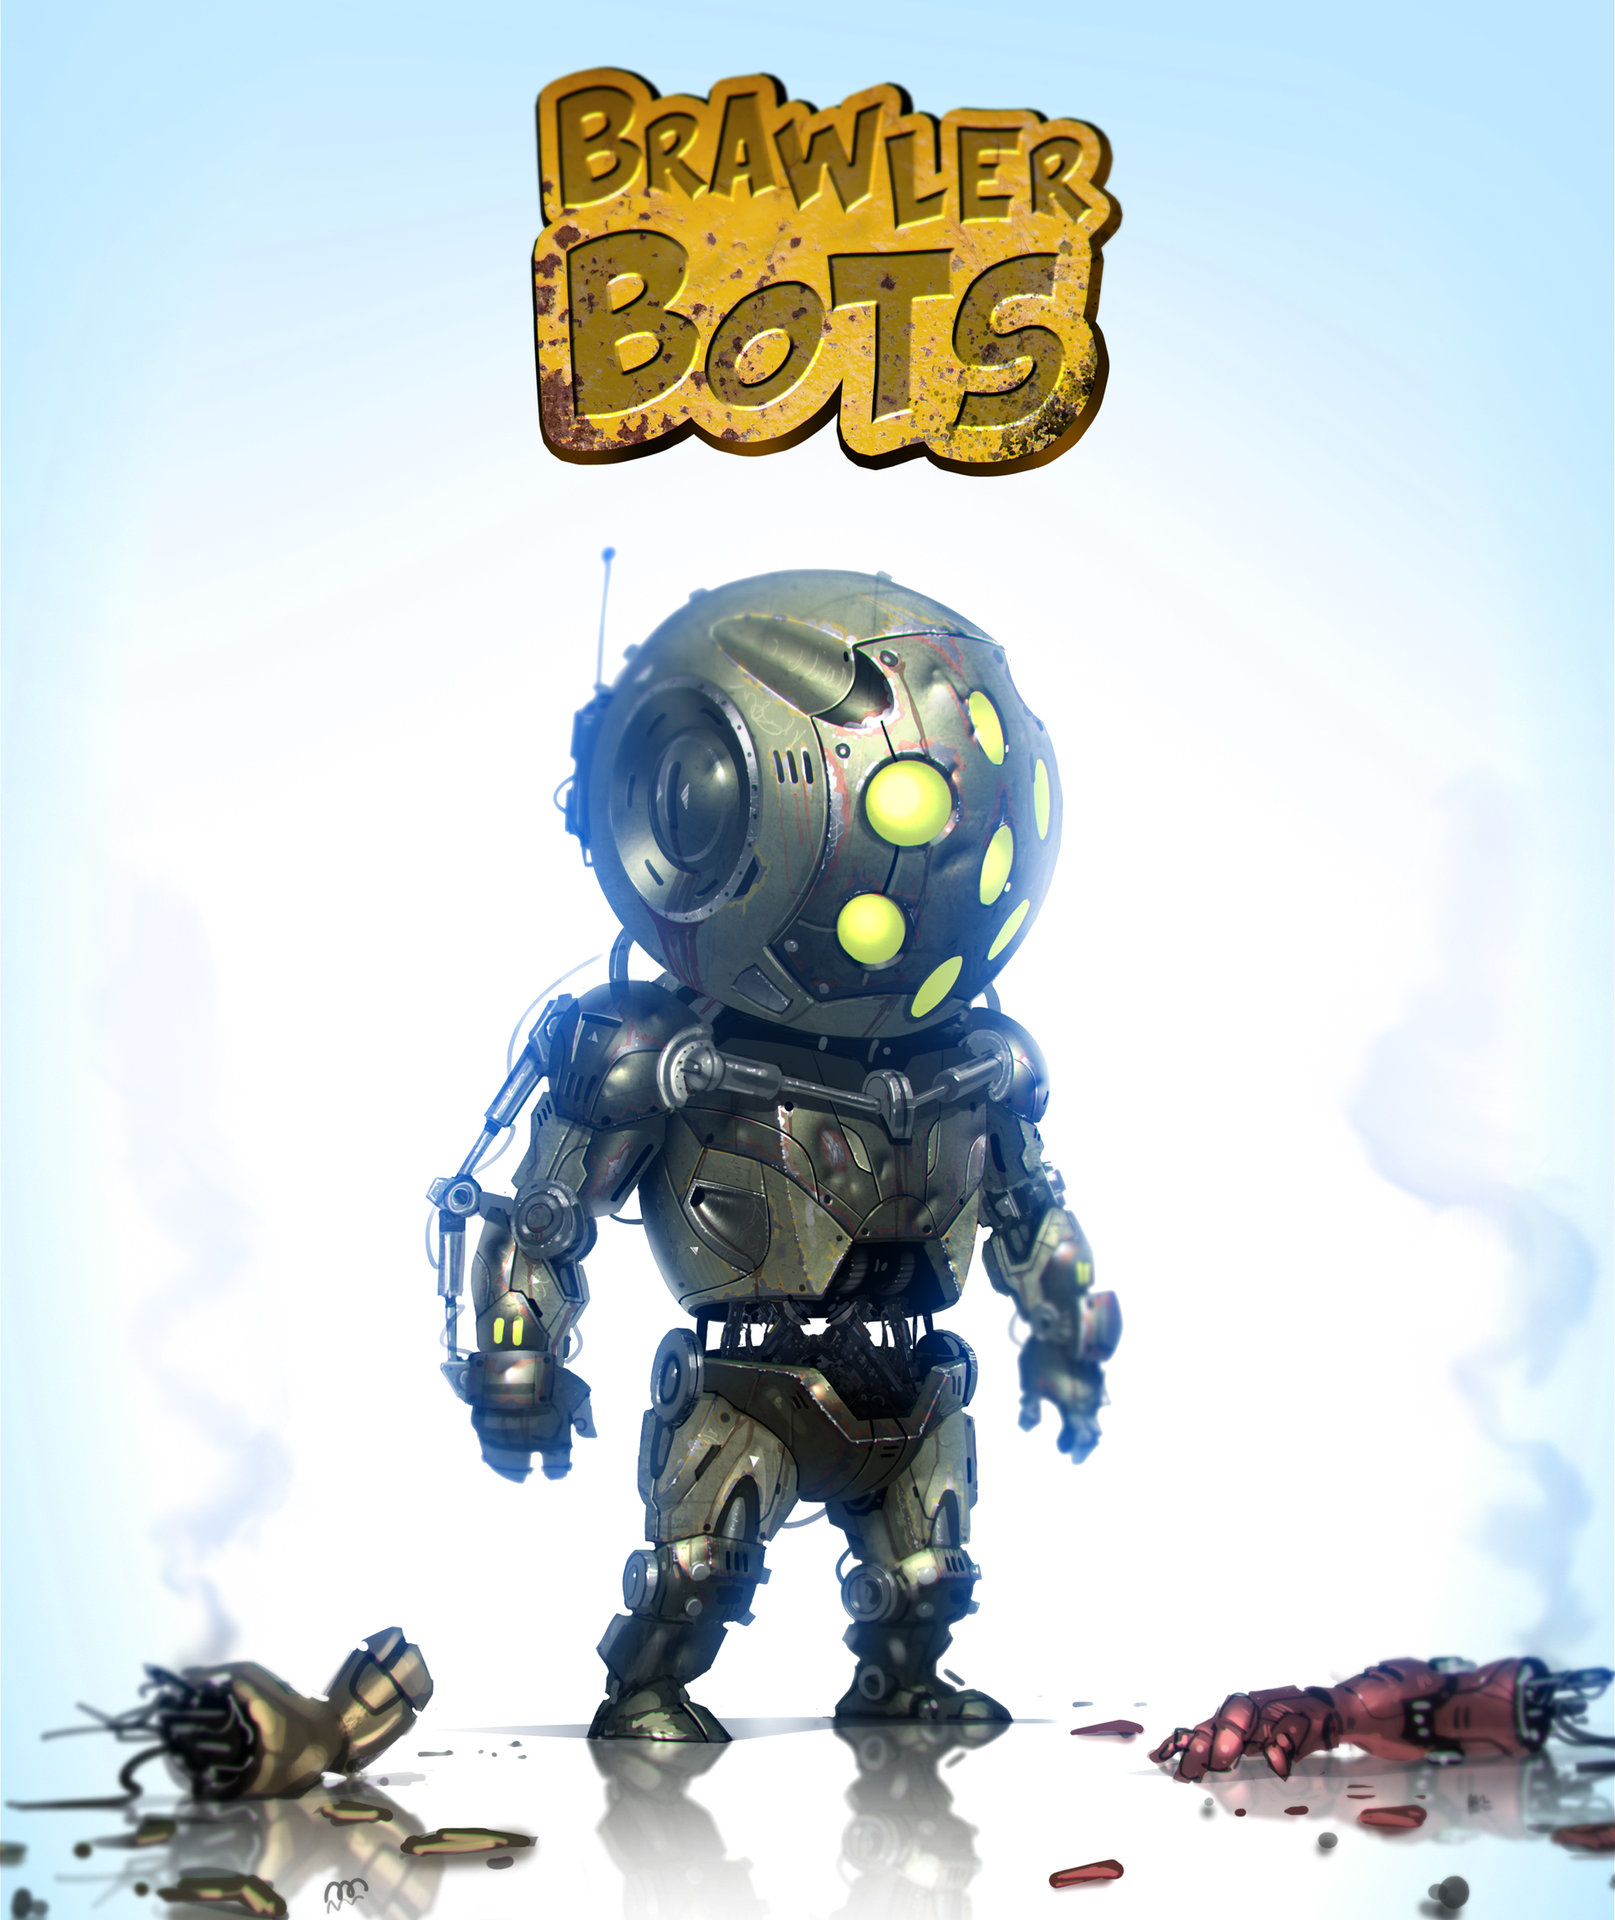 Matt tkocz greenbot